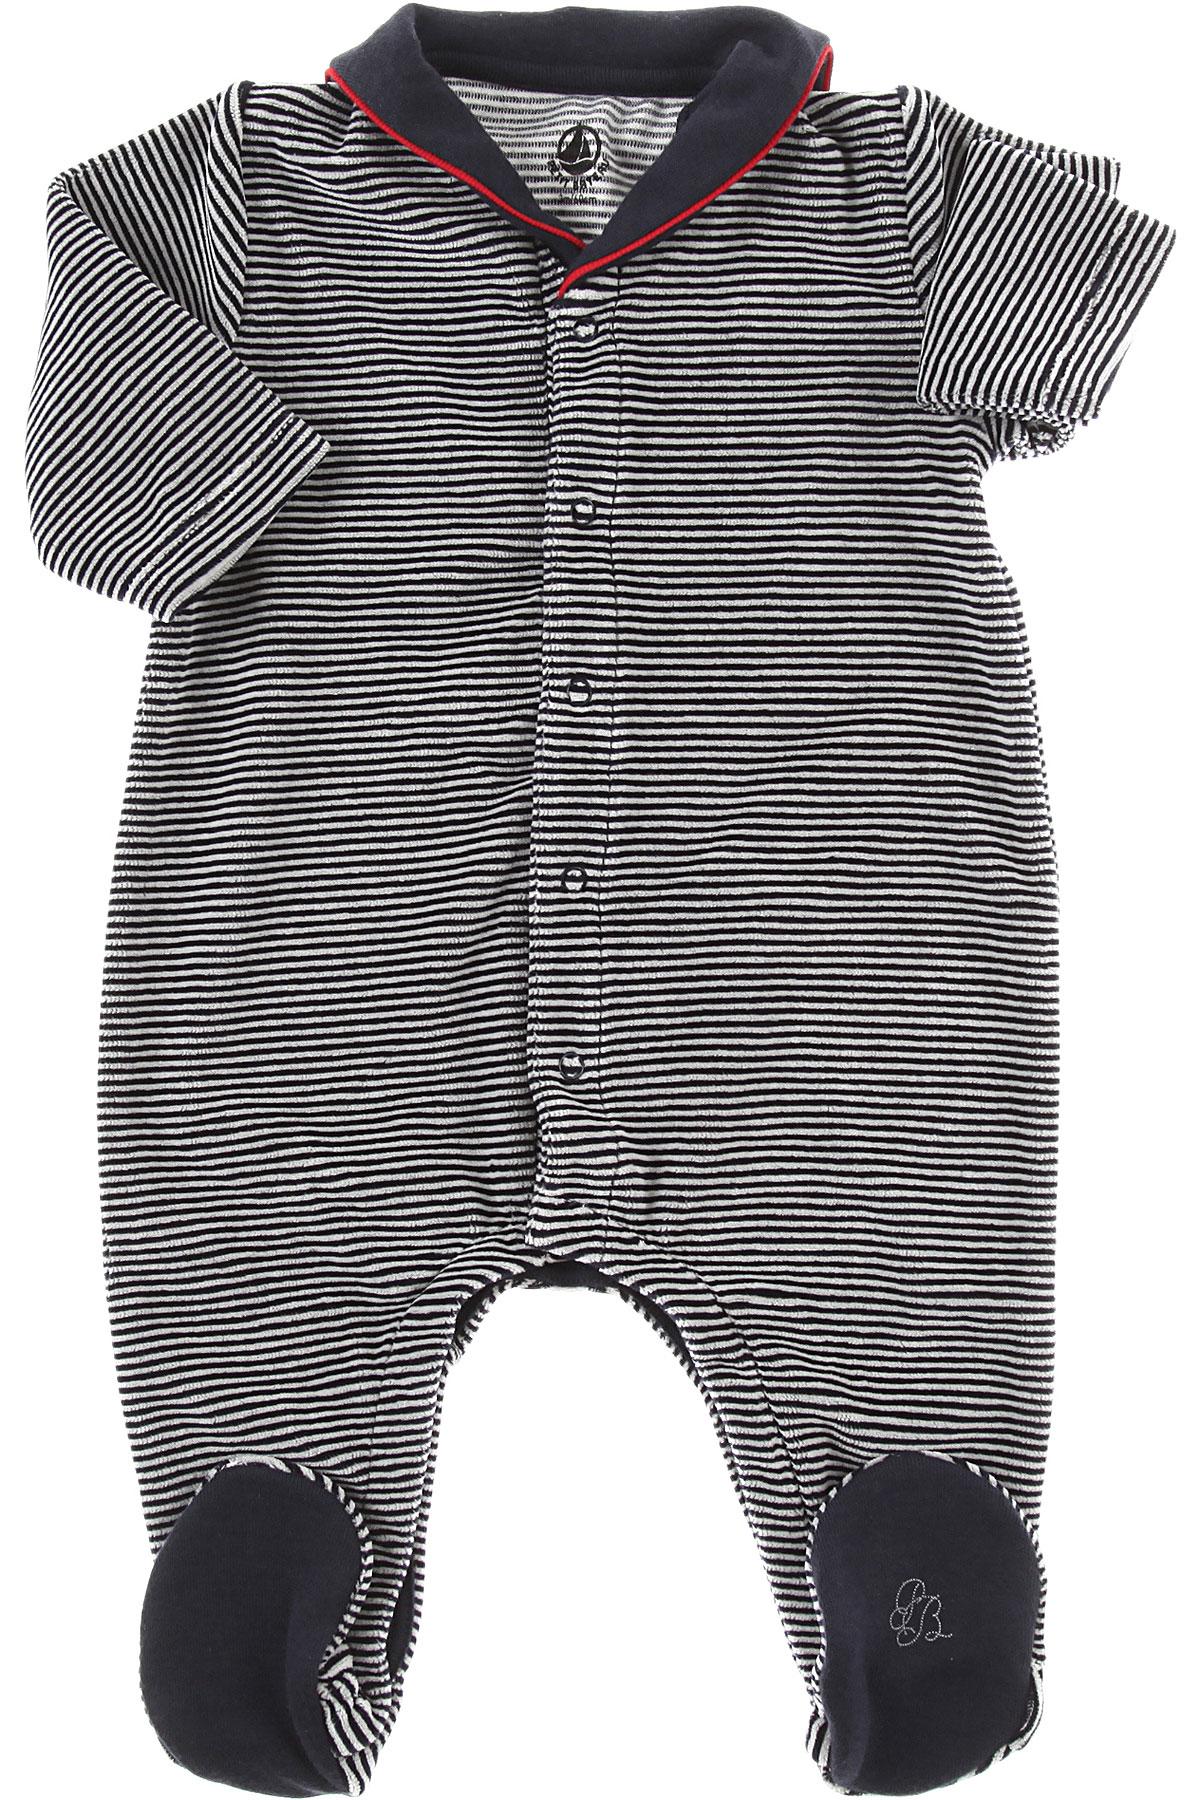 Image of Petit Bateau Baby Bodysuits & Onesies for Boys, Blue, Cotton, 2017, 1M 3M 9M